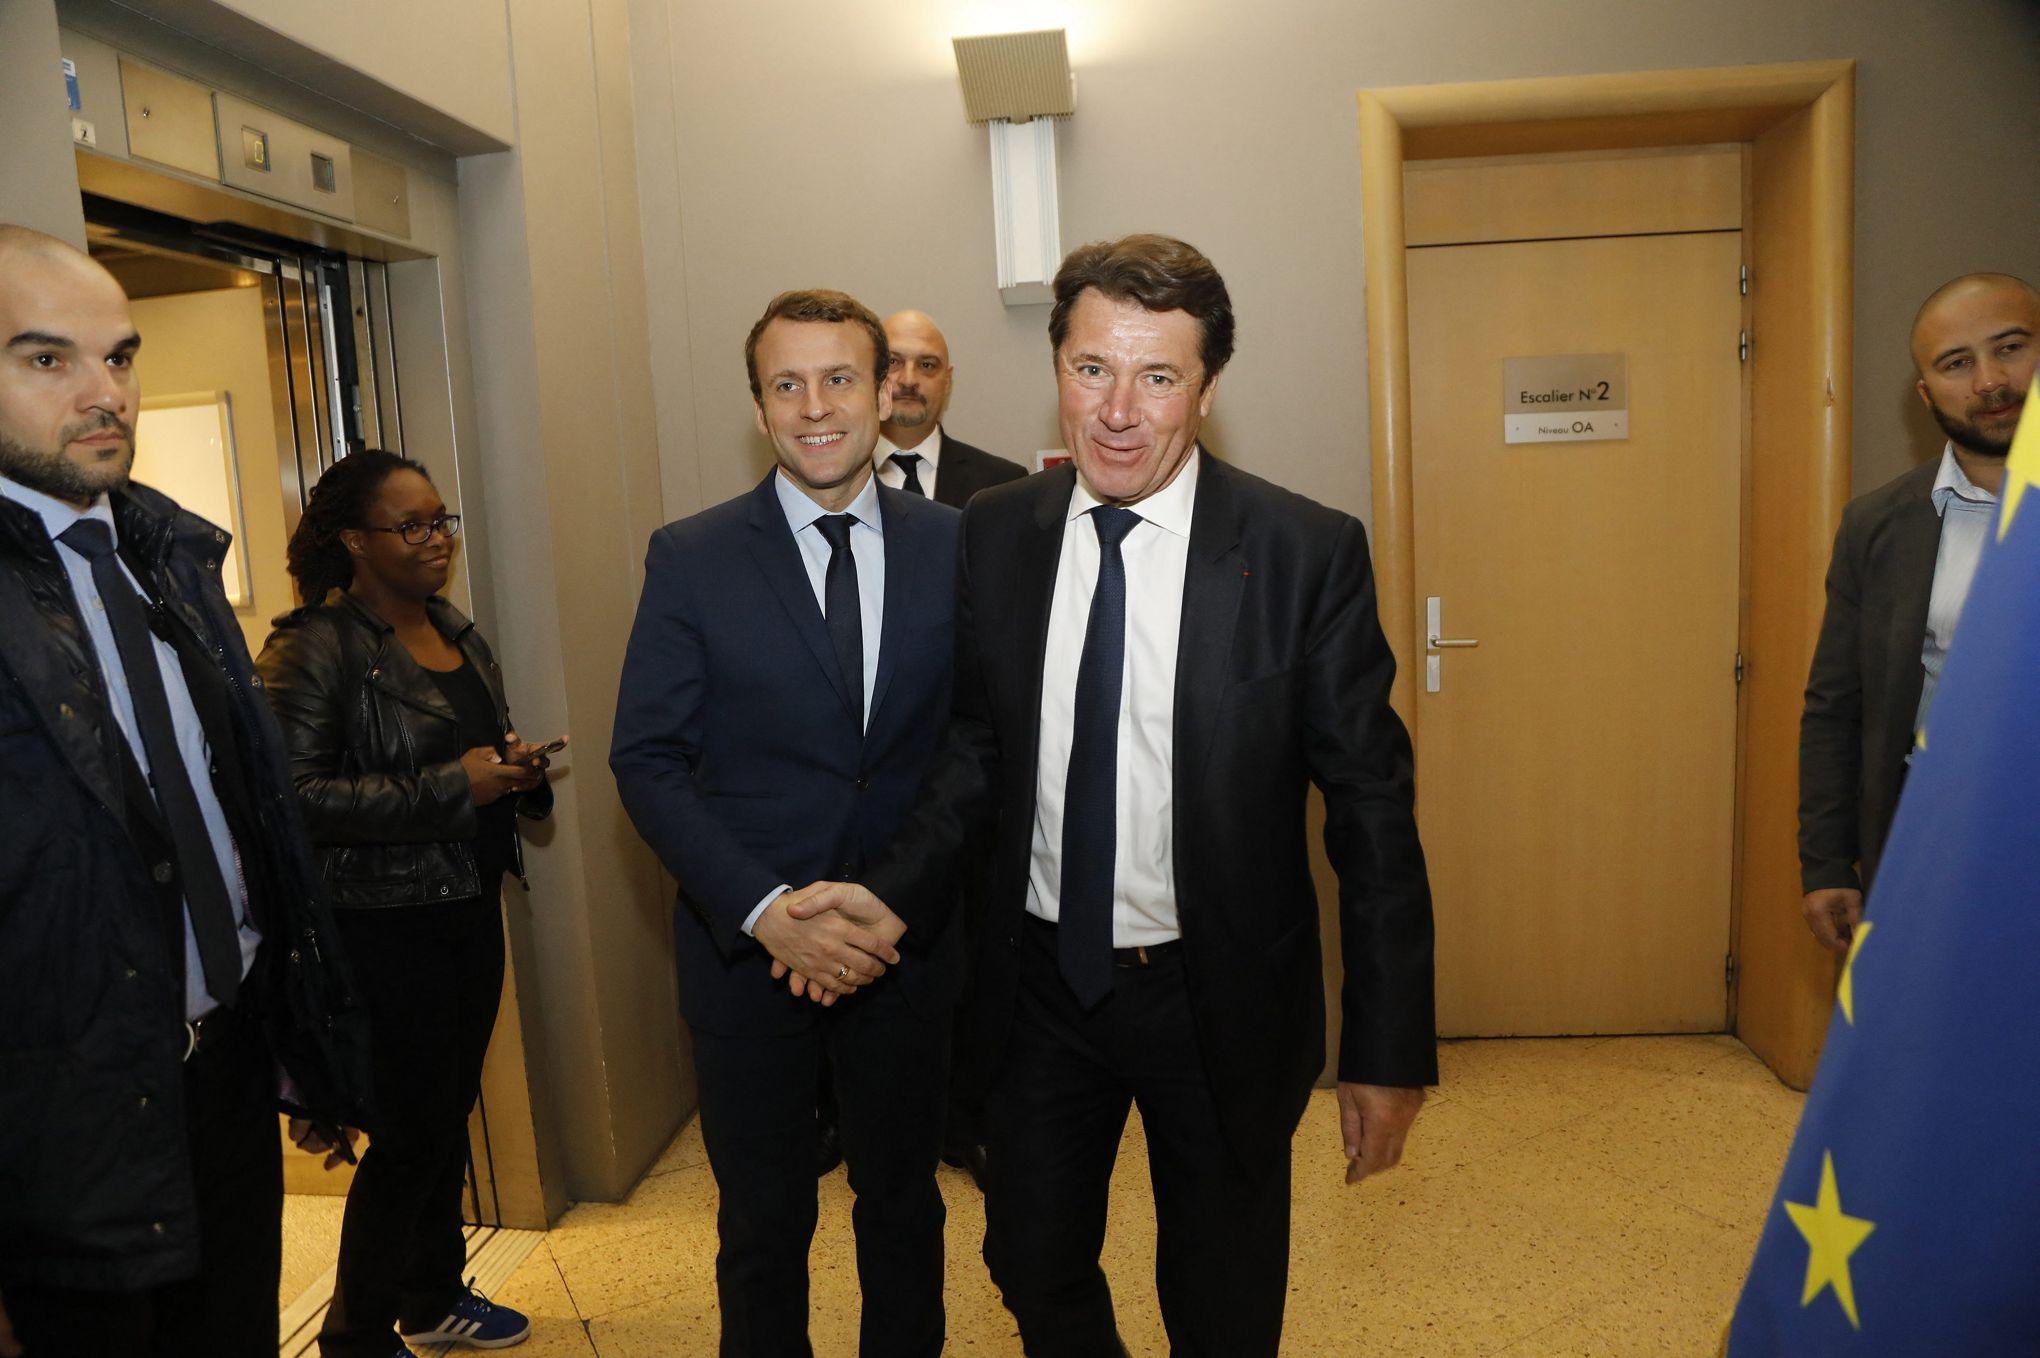 Présidentielle : quand Estrosi et Le Maire ne disent pas non à Macron